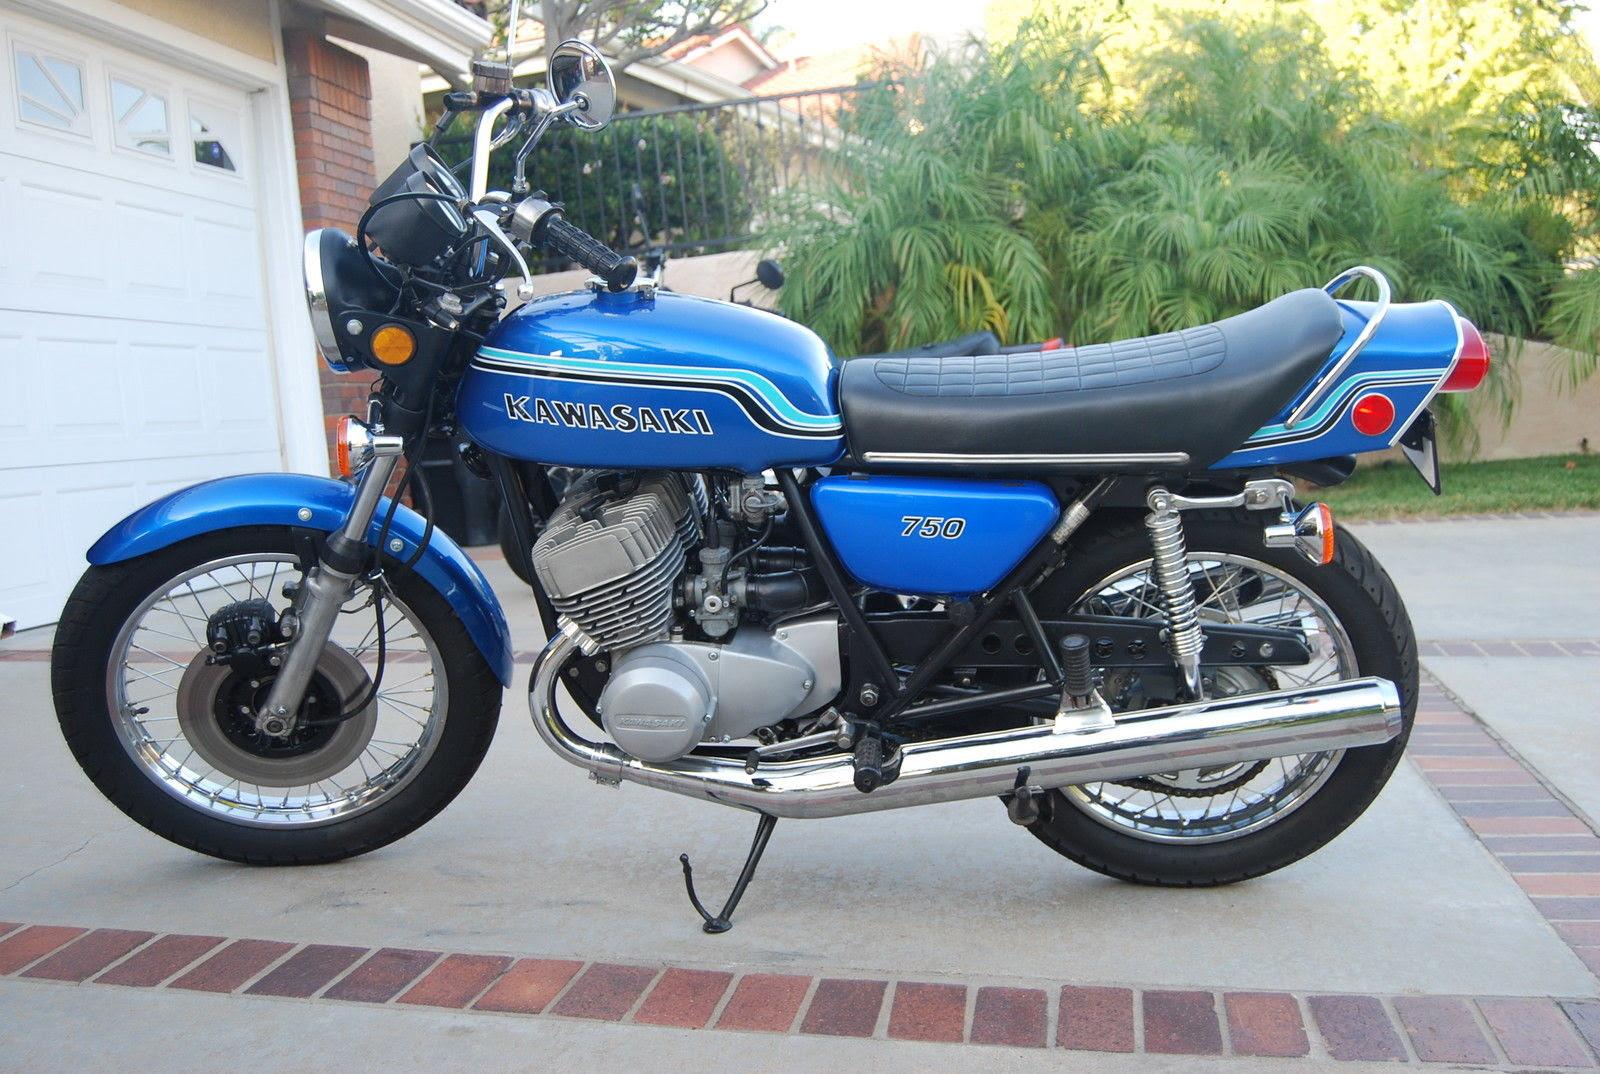 Restored Kawasaki H2 750 1972 Photographs At Classic Bikes